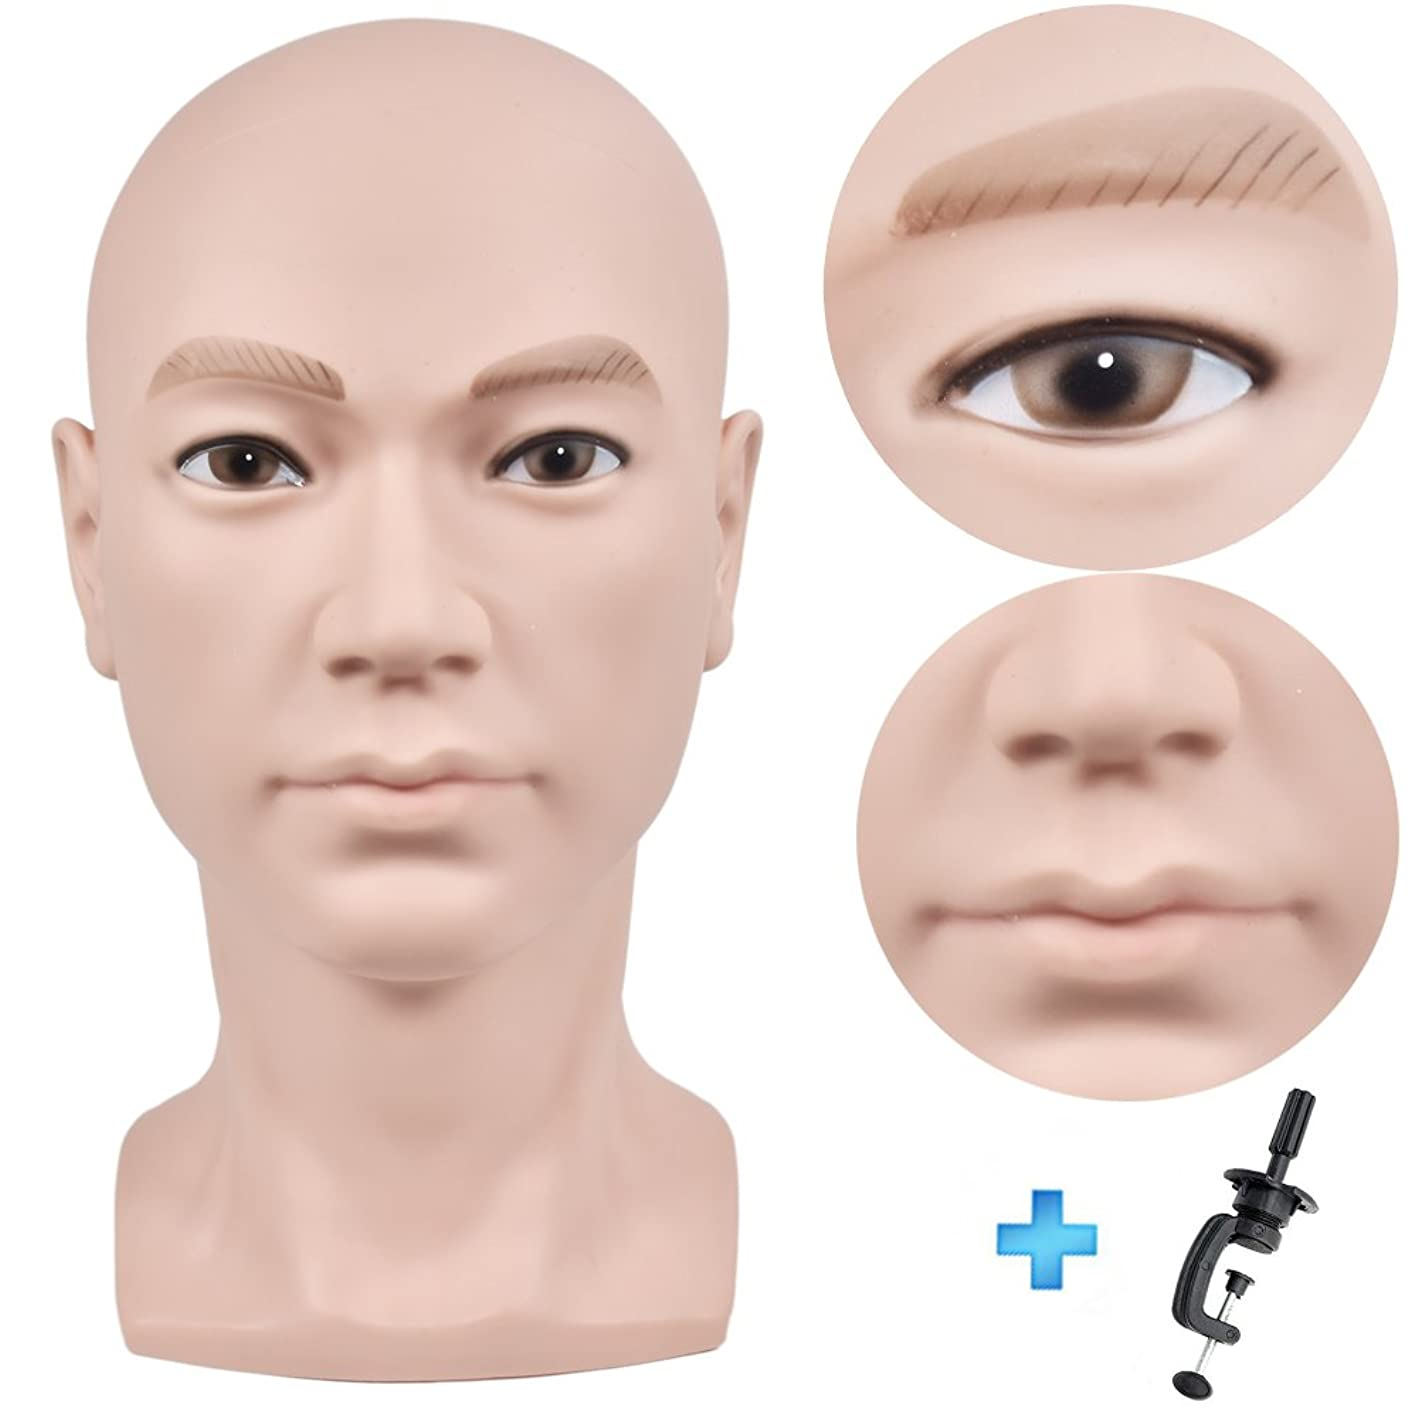 扱うレンチ滅多髪のメイク、ディスプレイのかつら、メガネ、髪、Tピン、フリークランプのための禿げたマネキンヘッドベージュ男性プロの化粧品